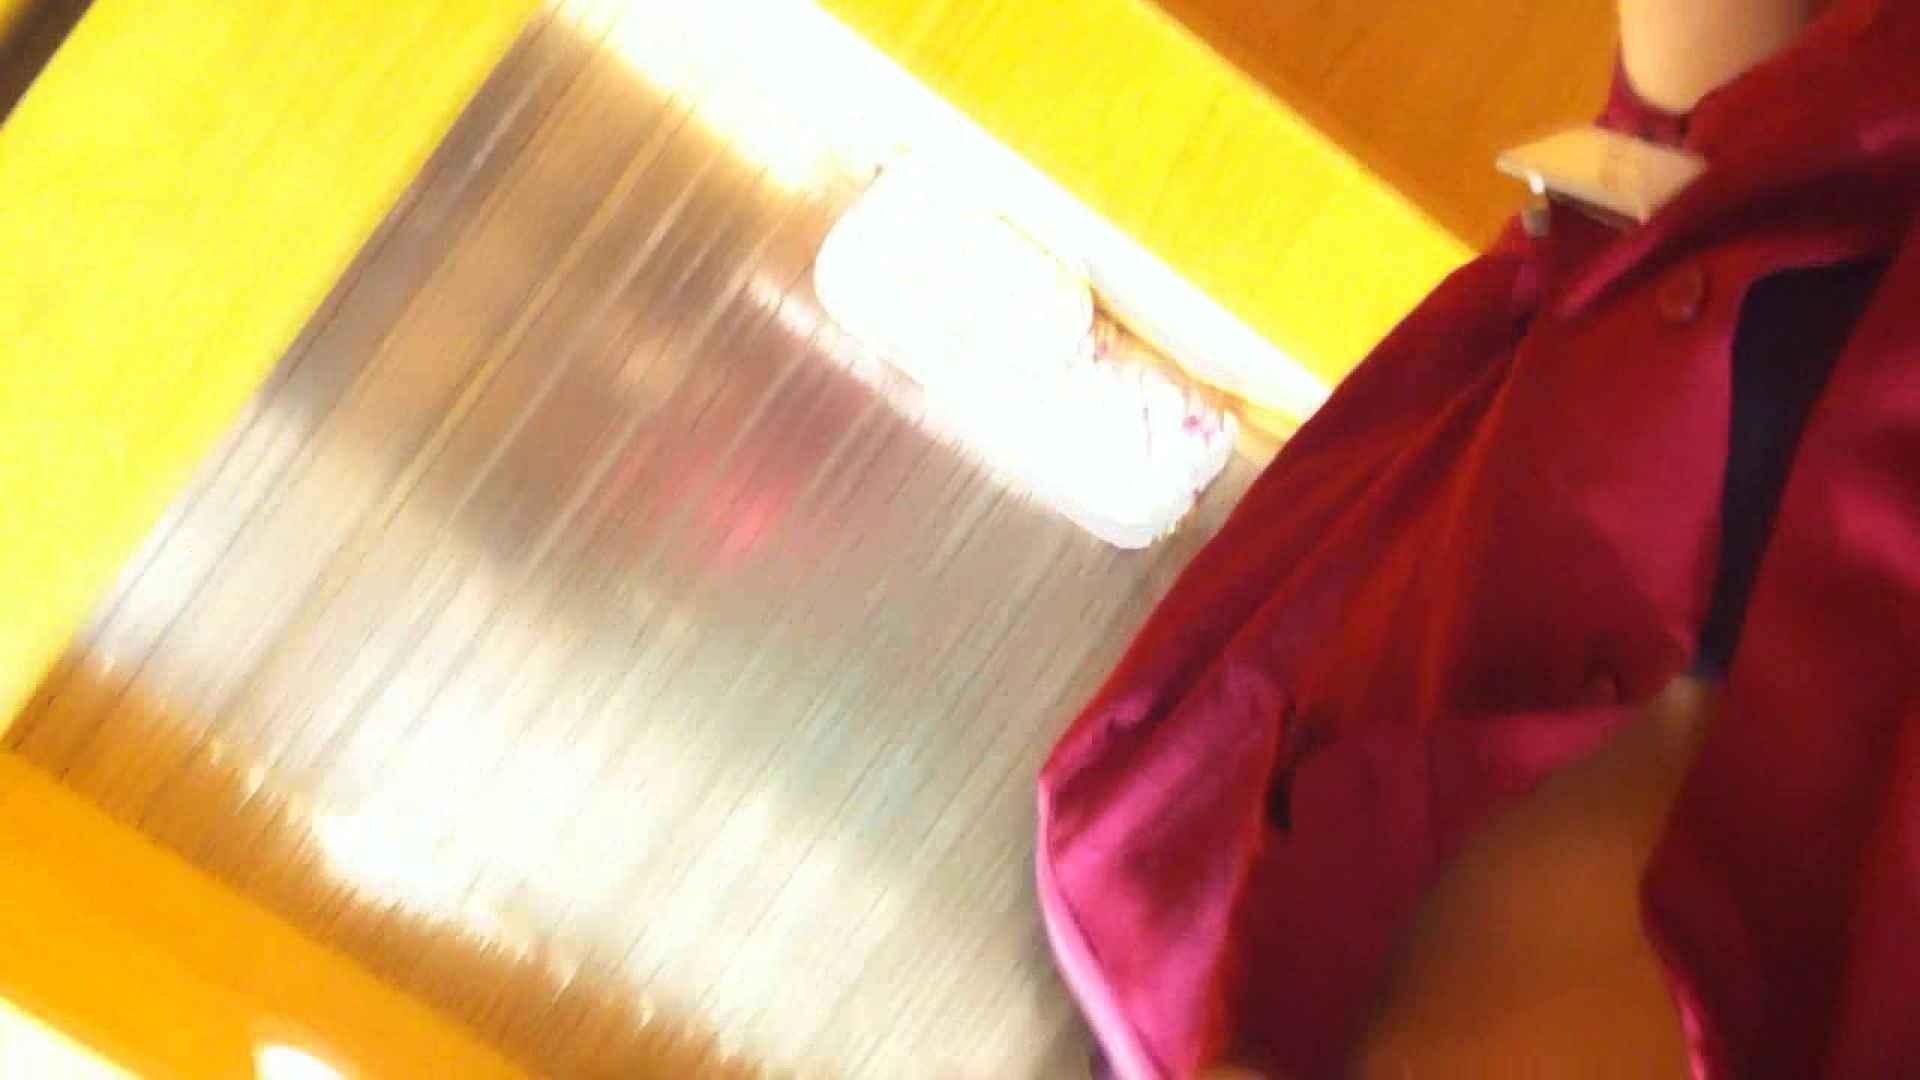 フルHD ショップ店員千人斬り! 大画面ノーカット完全版 vol.86 チラ 隠し撮りすけべAV動画紹介 55連発 7